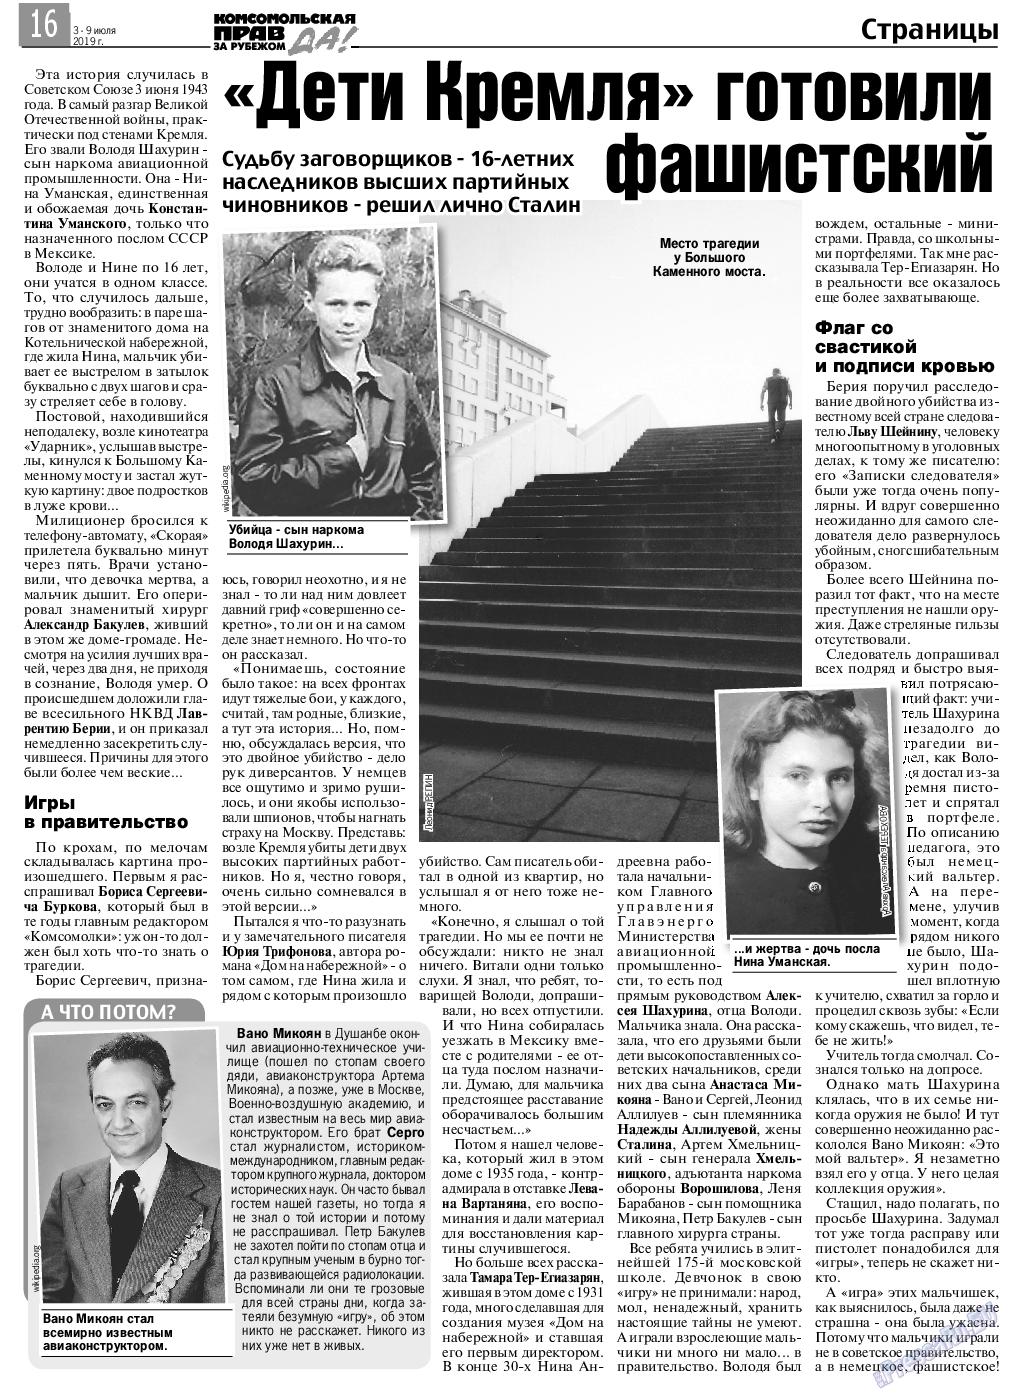 КП в Европе (газета). 2019 год, номер 27, стр. 16